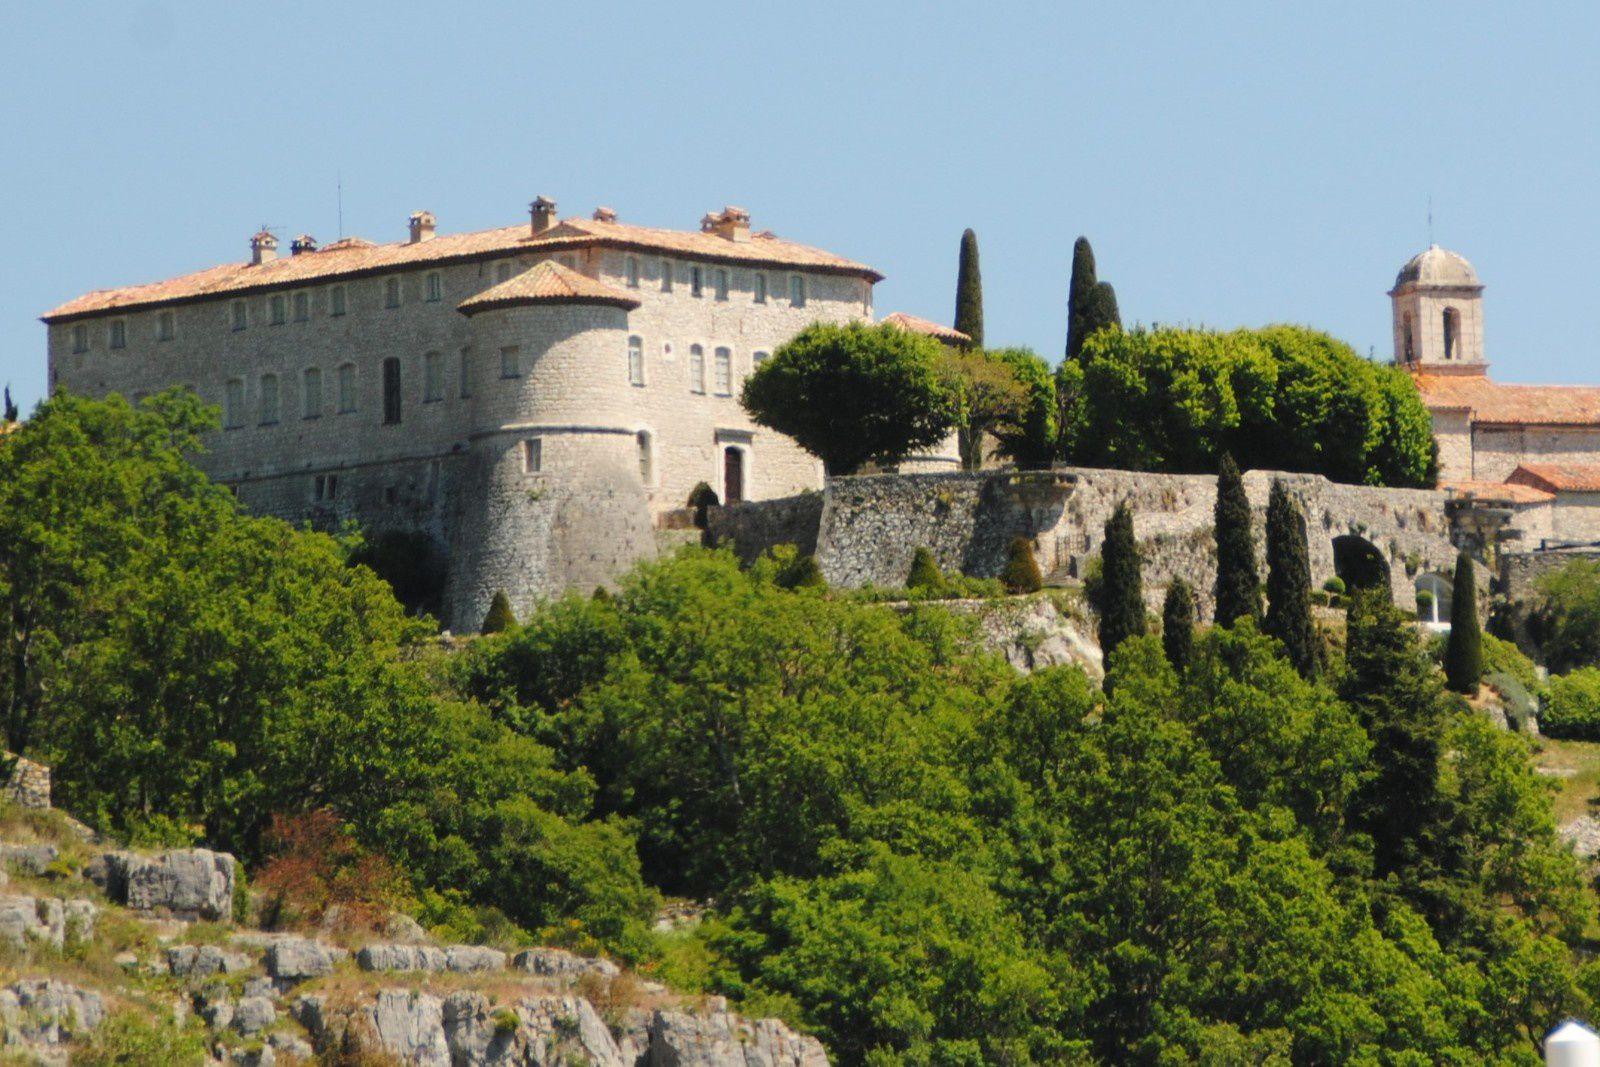 Le château de Gourdon balades d'ici et d'ailleurs !